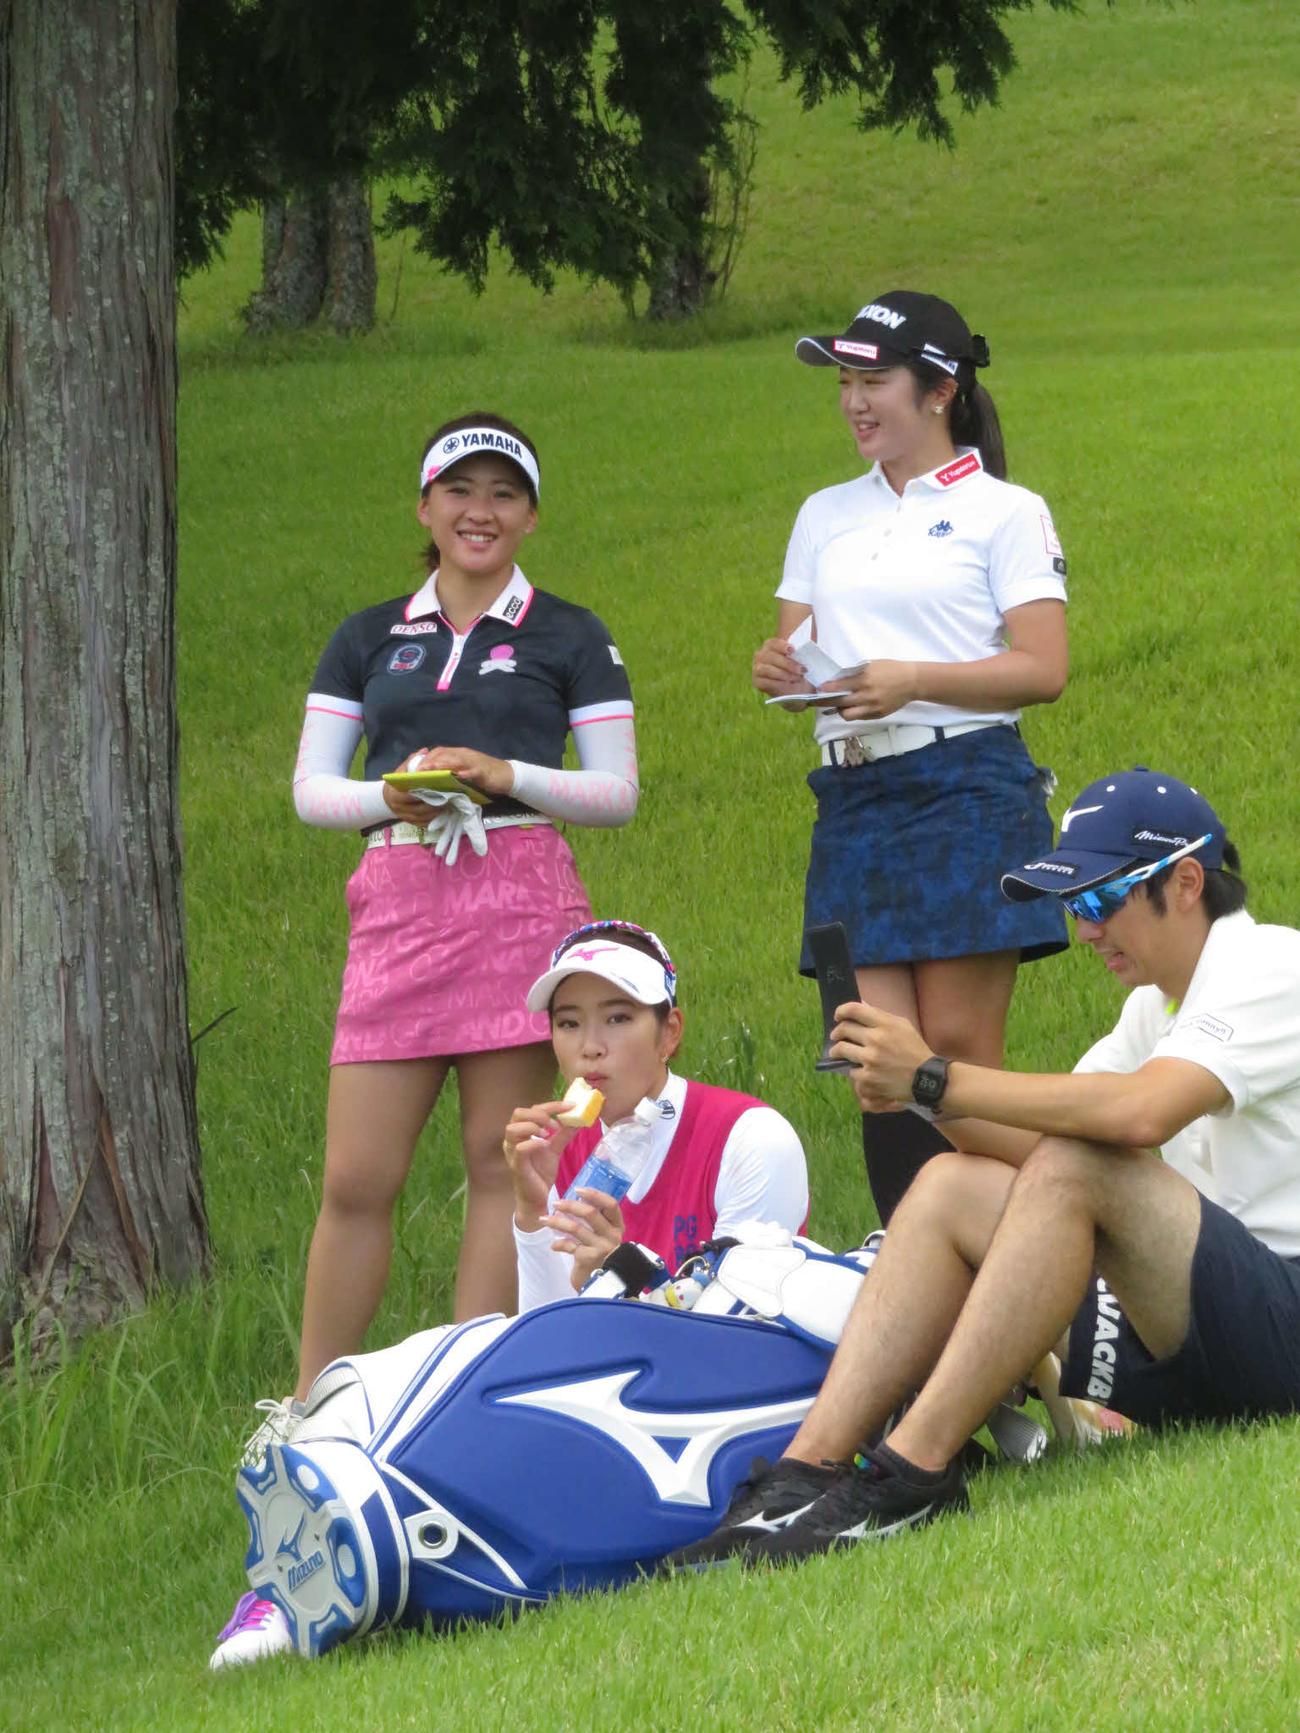 4番、直前にラウンドする組が終わるまで小休憩で栄養補給する原英莉花(手前左)。永井花奈(後方左)と林菜乃子(同右)は談笑